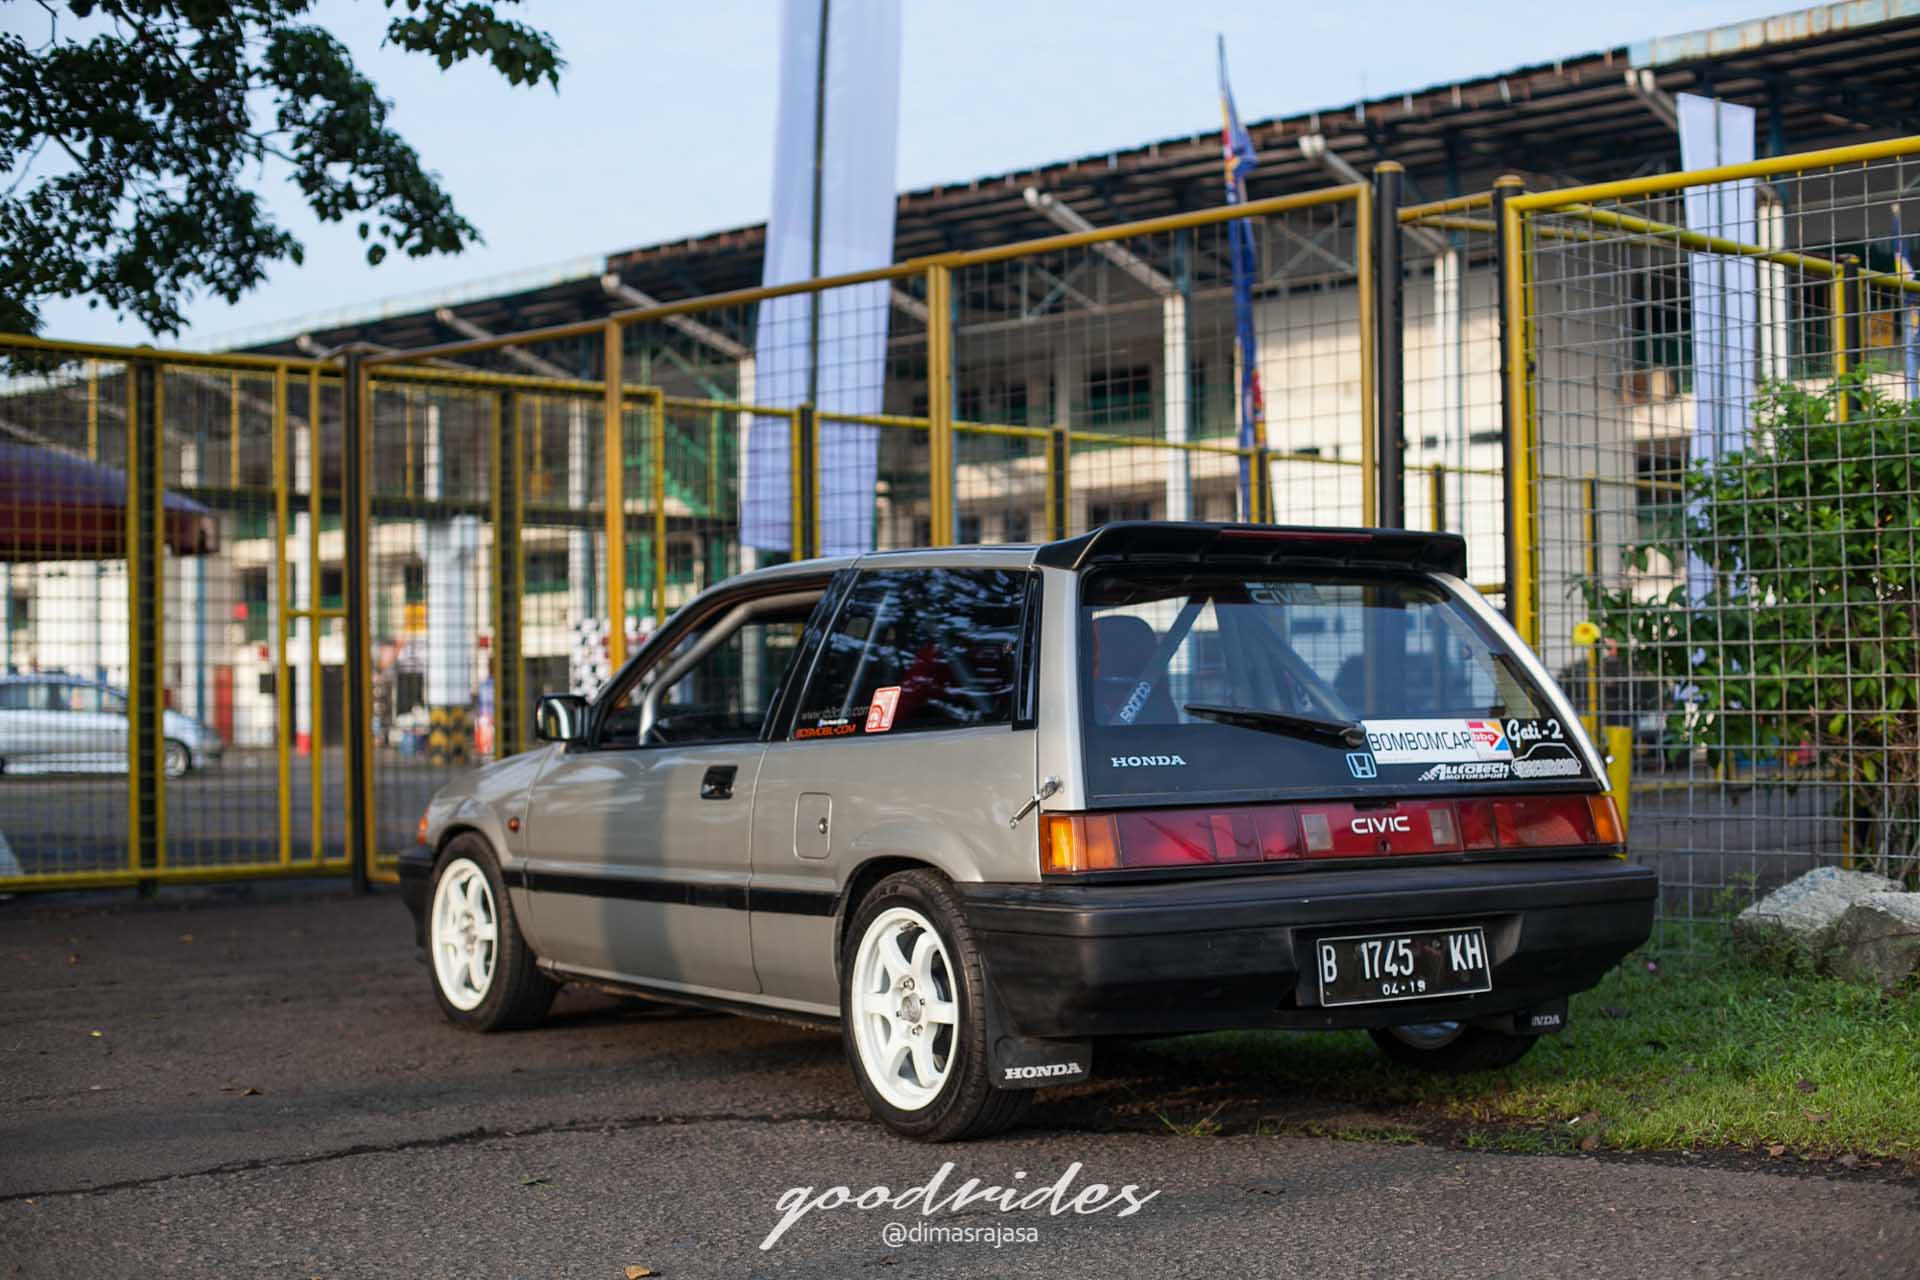 59 Gambar Mobil Honda Civic Wonder  Ragam Modifikasi